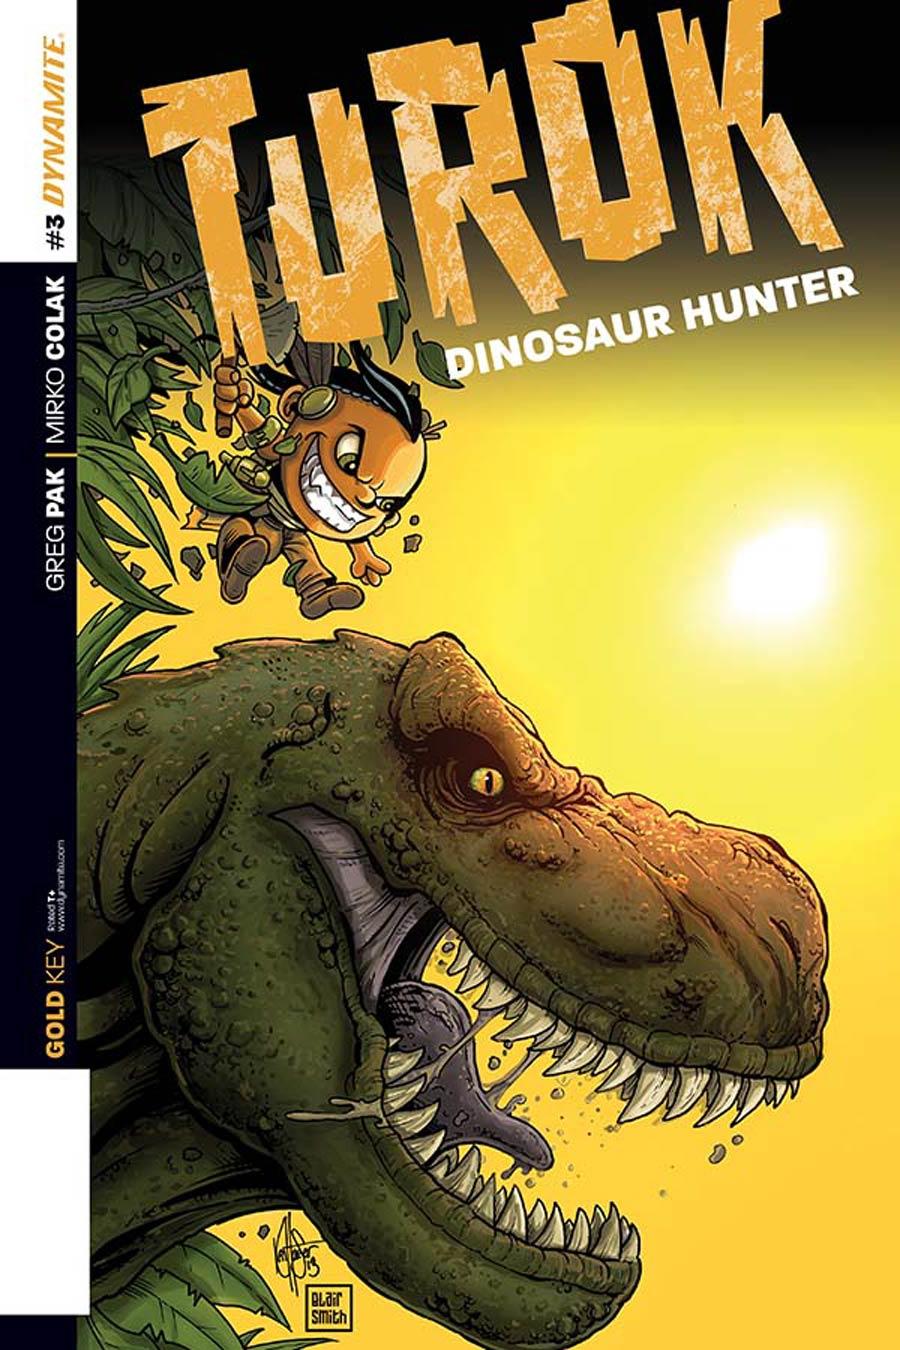 Turok Dinosaur Hunter Vol 2 #3 Cover E Incentive Ken Haeser Lil Turok Variant Cover